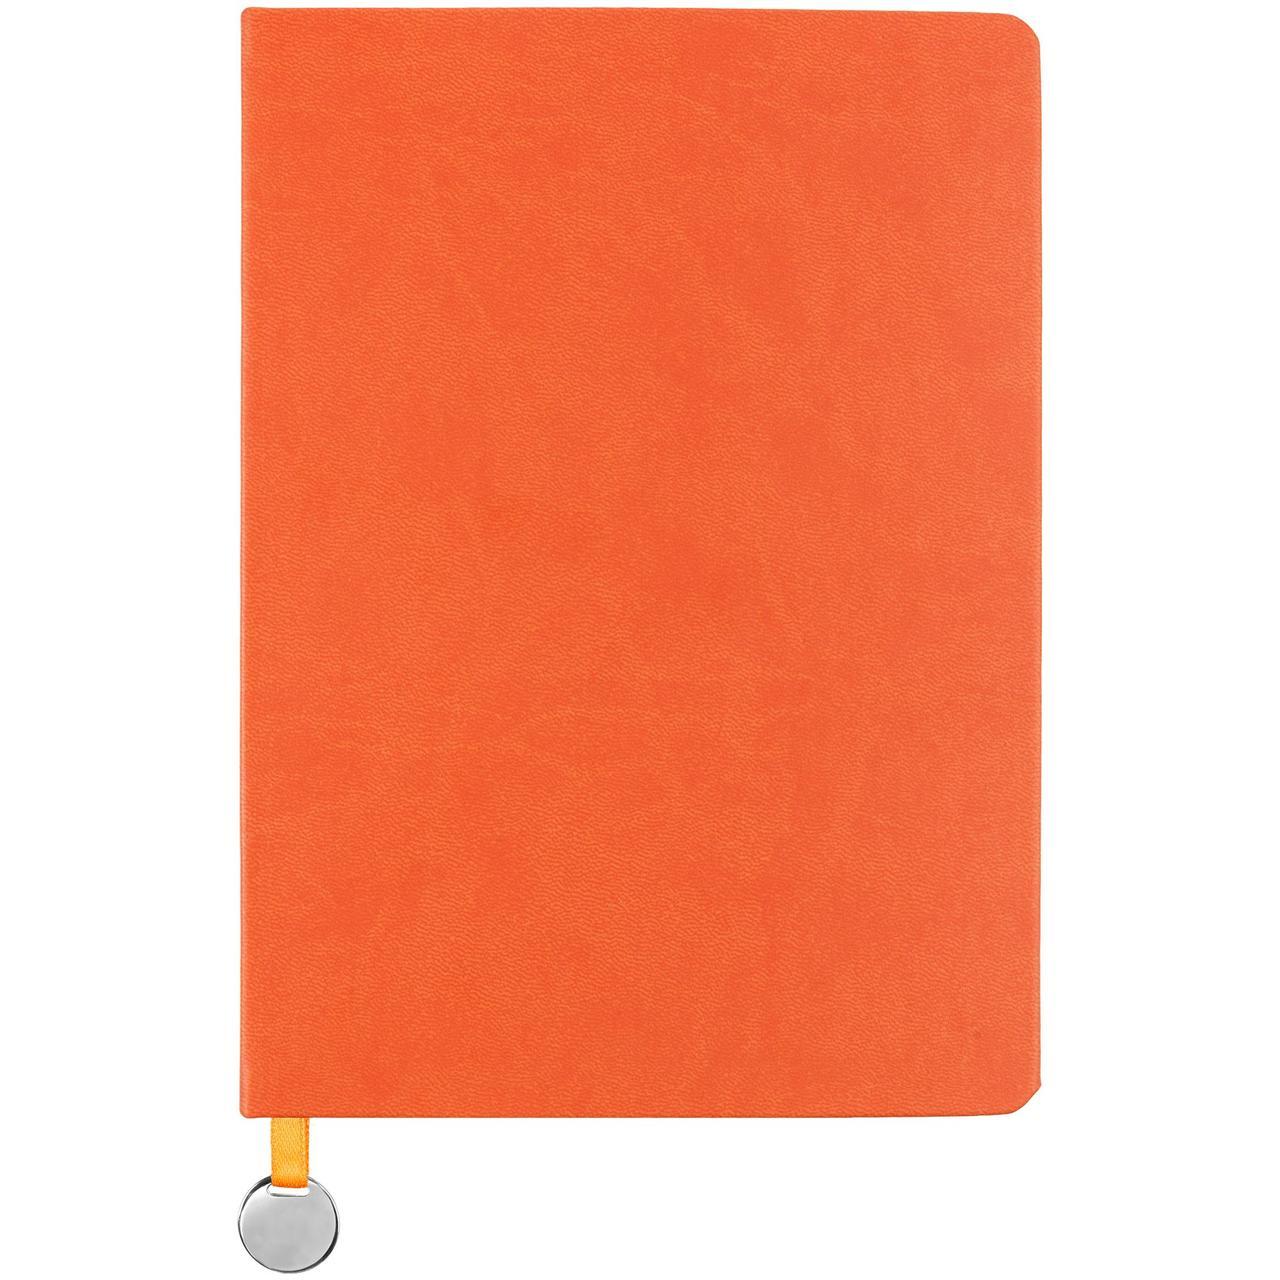 Ежедневник Exact, недатированный, оранжевый (артикул 7882.20)